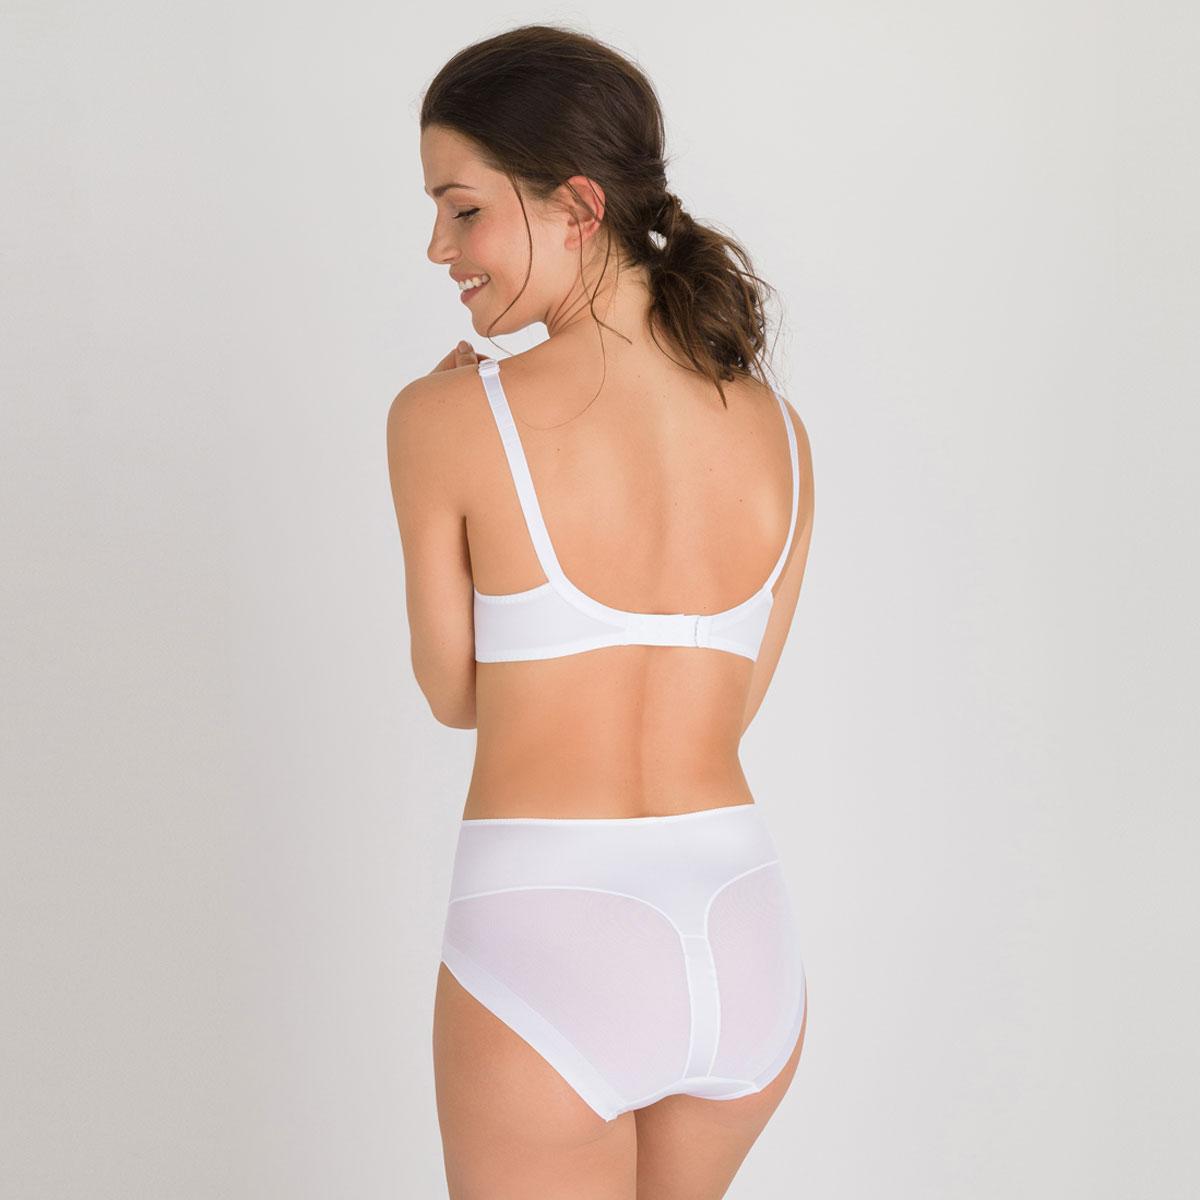 Soutien-gorge sans armatures blanc  - Perfect Silhouette-PLAYTEX